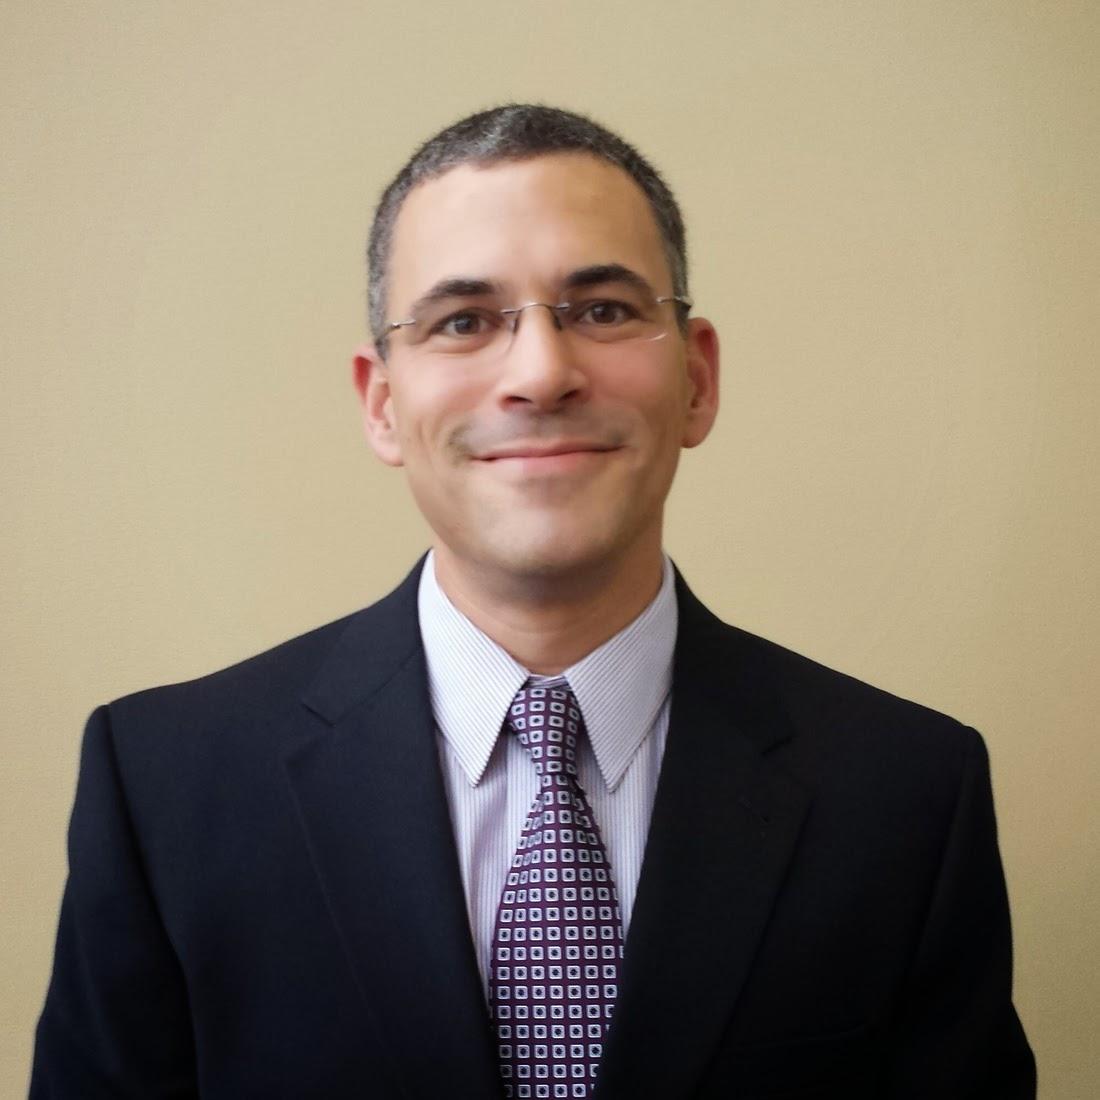 Michael Reinhorn MD, MBA, FACS